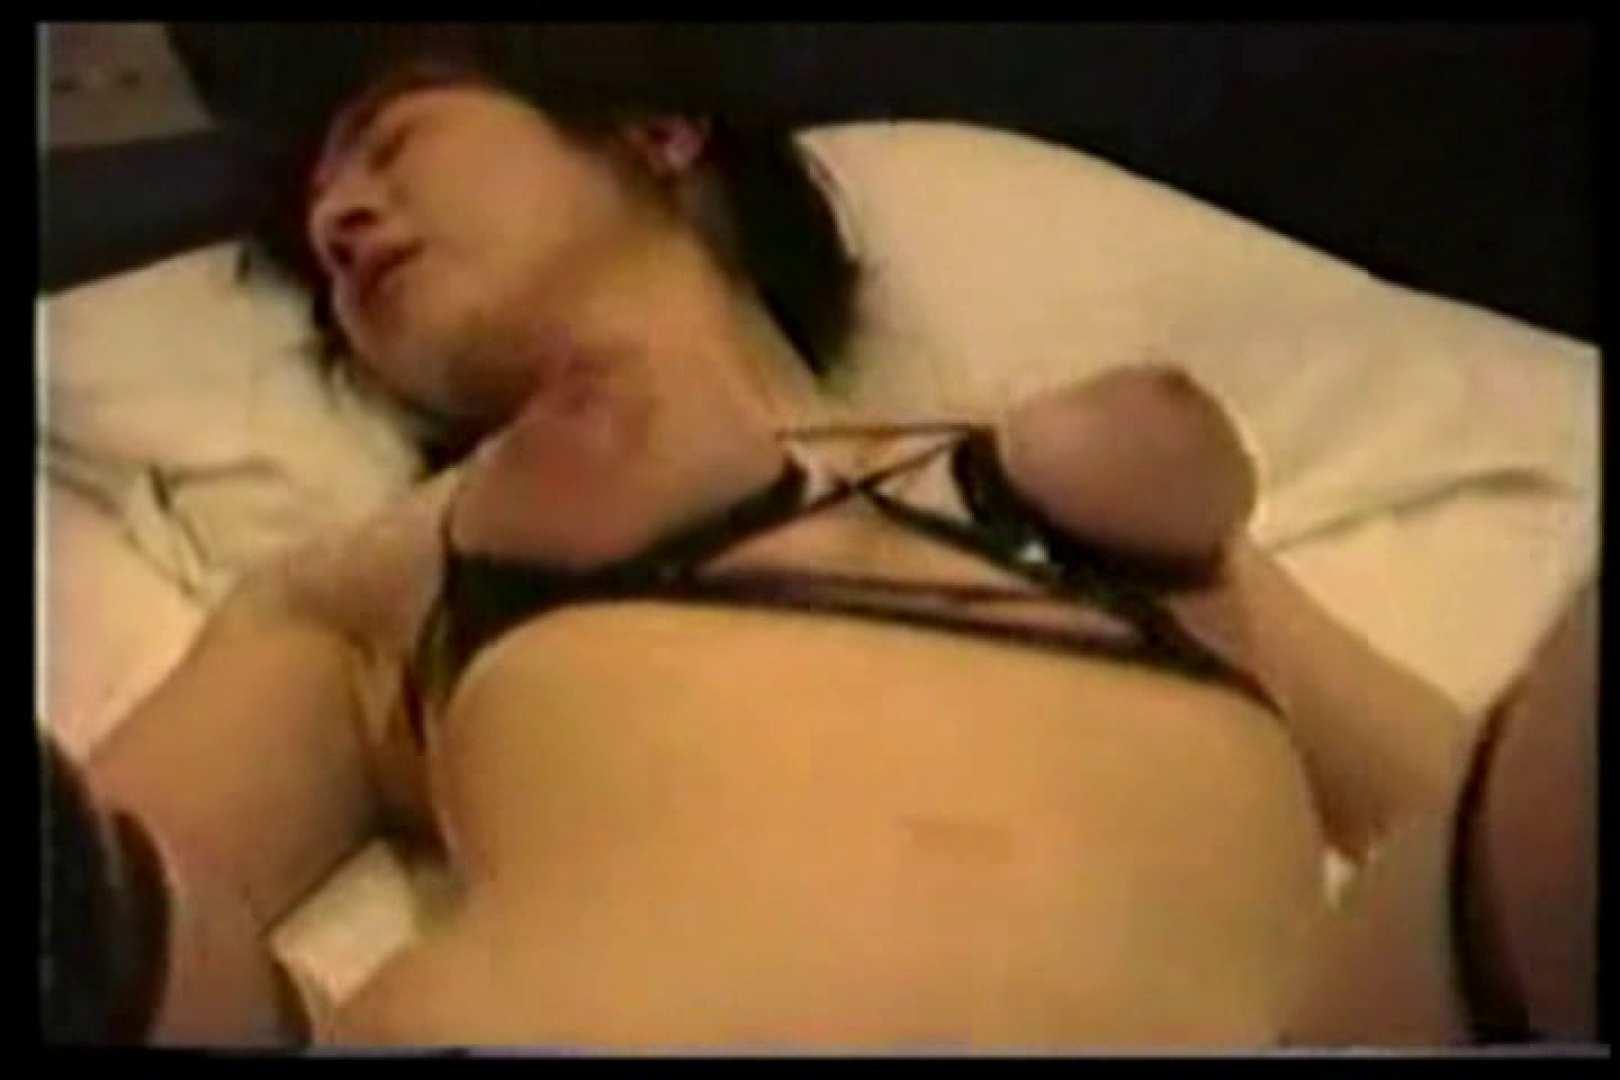 続・某掲示板に投稿された素人女性たちvol.13 OL裸体 | 一般投稿  84画像 42